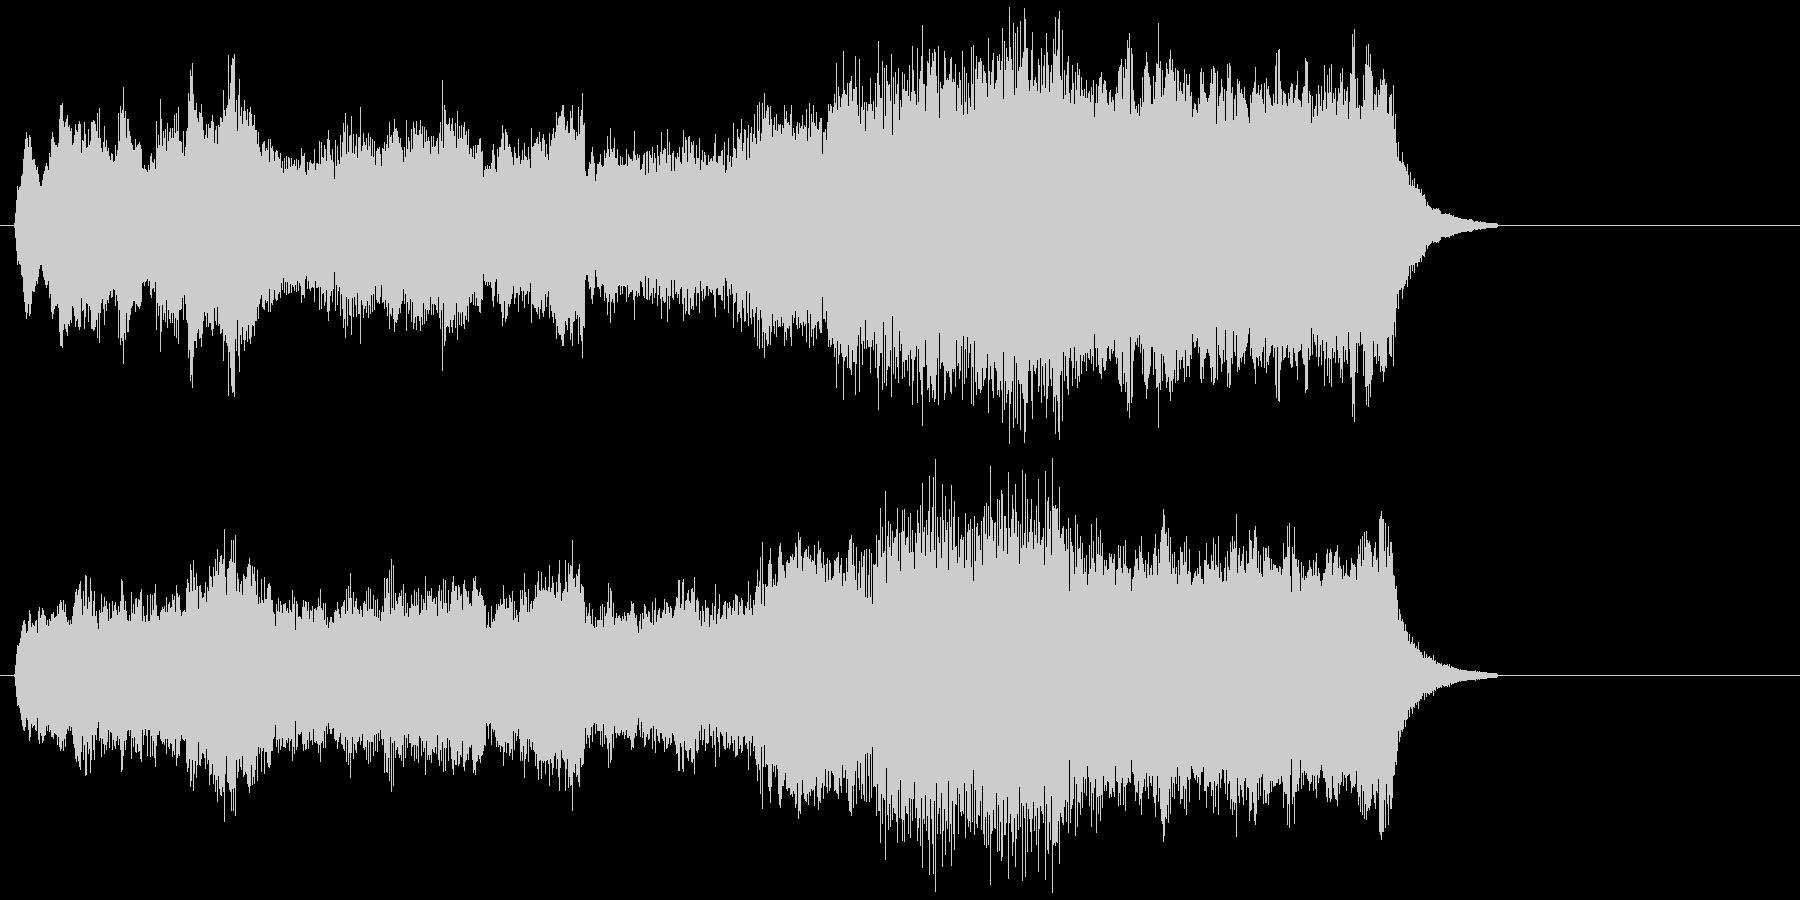 エレクトーンによる荘厳なショートバラードの未再生の波形